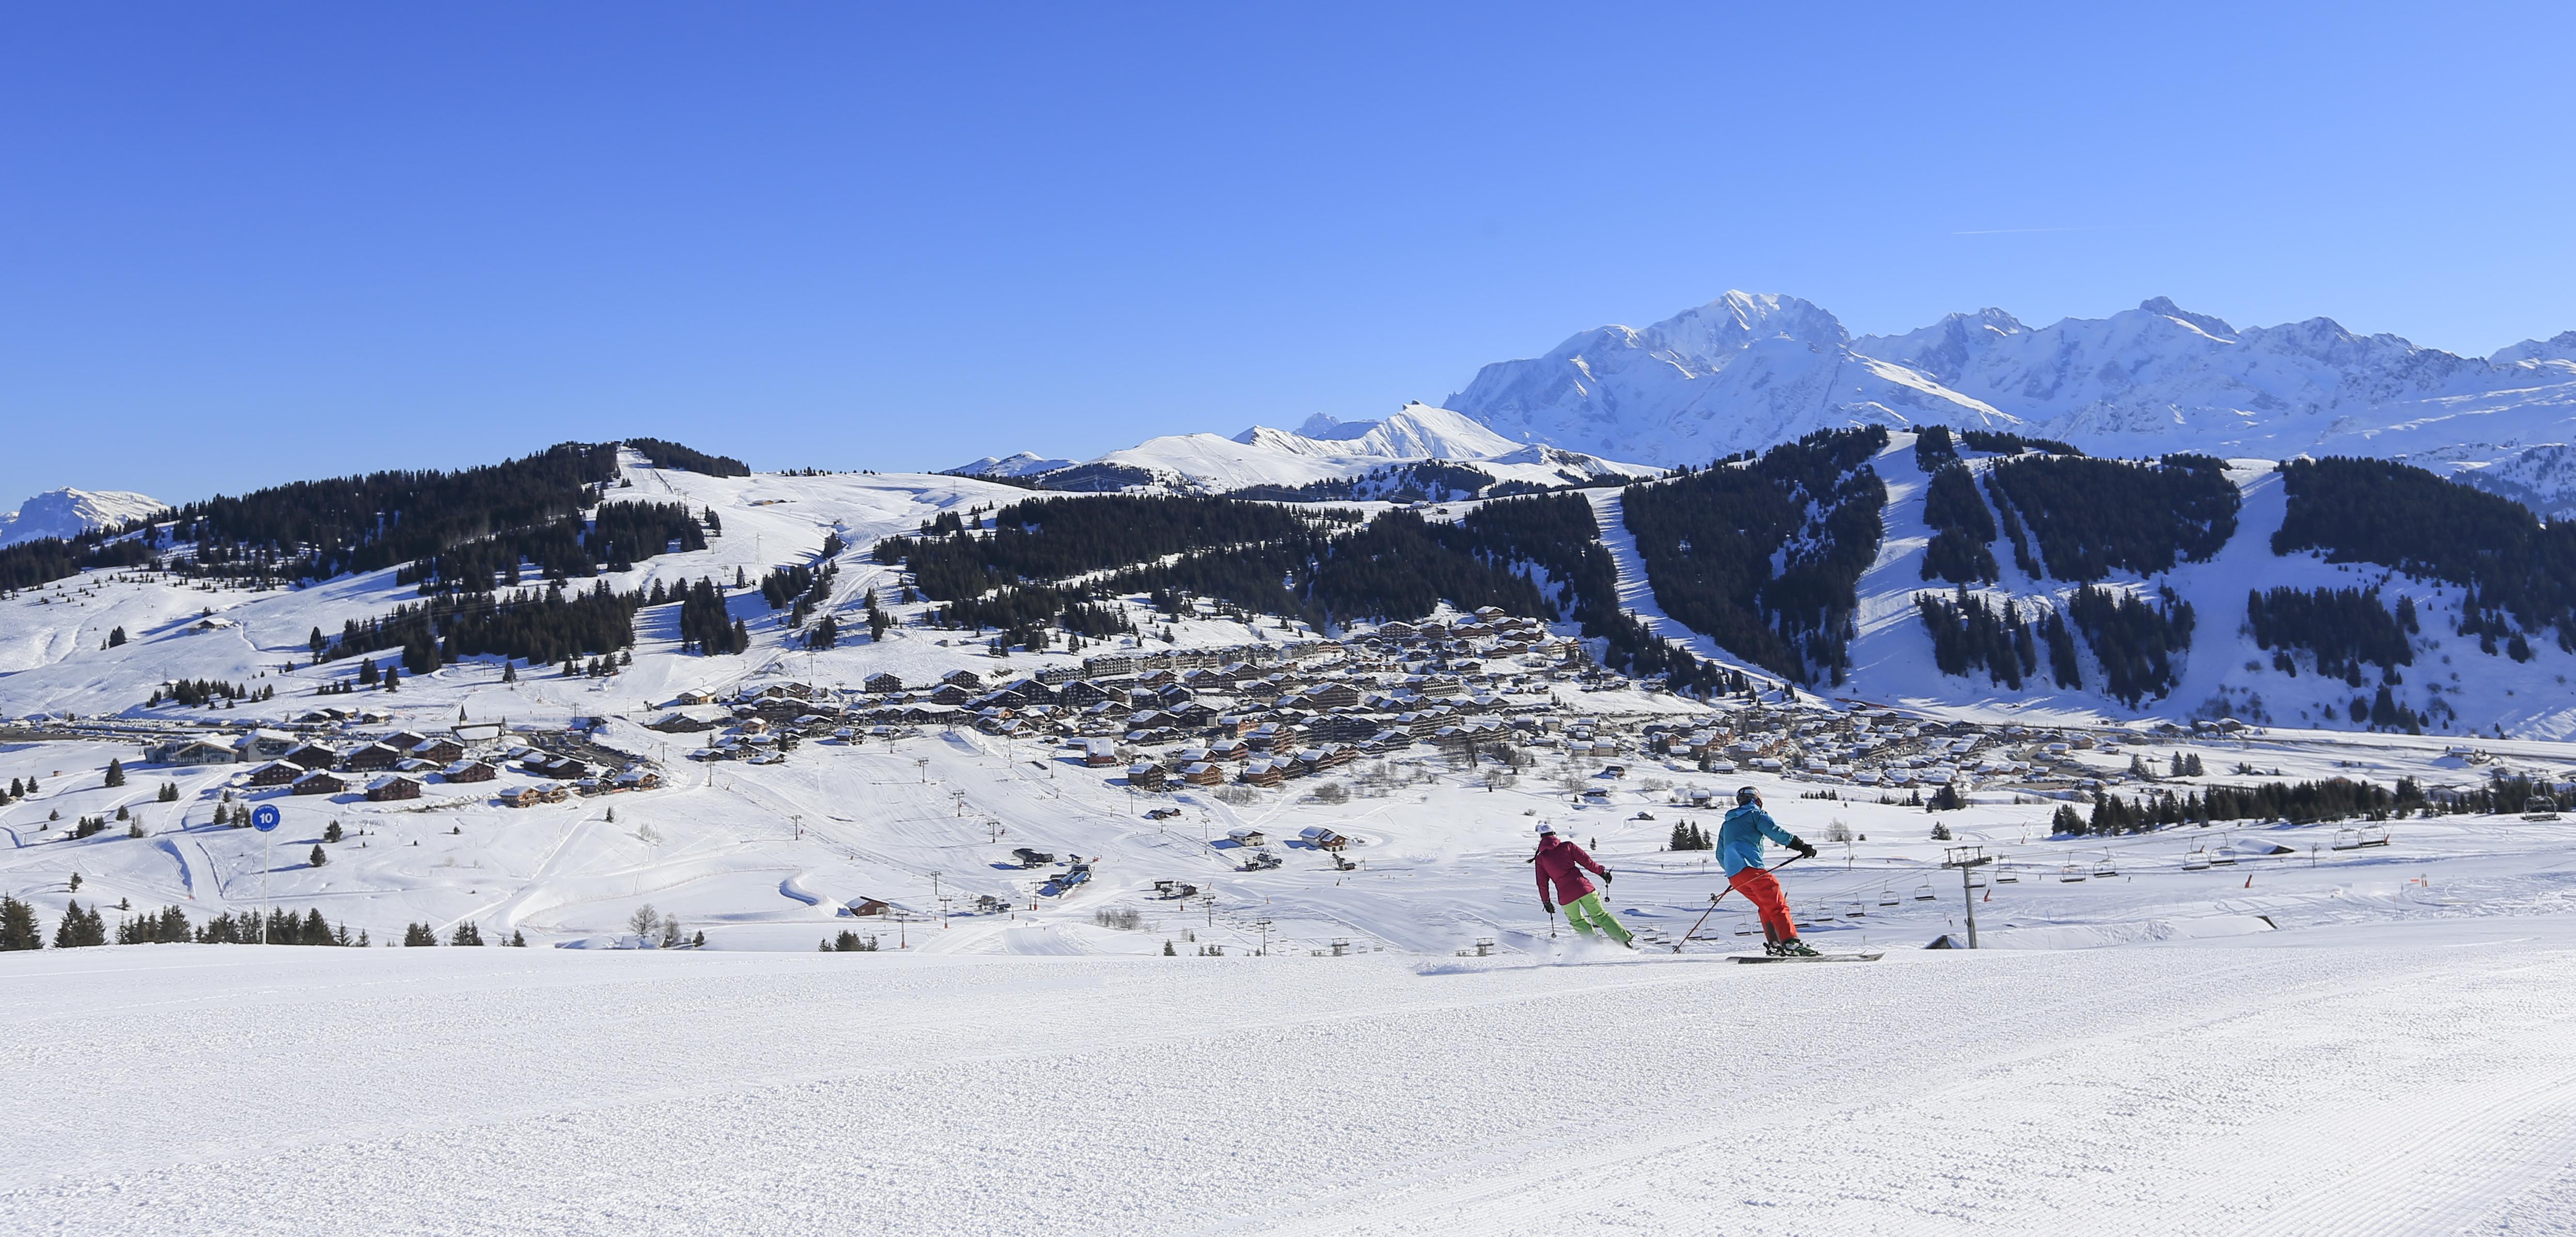 Les saisies savoie mont blanc savoie et haute savoie alpes - Office de tourisme les saisies ...